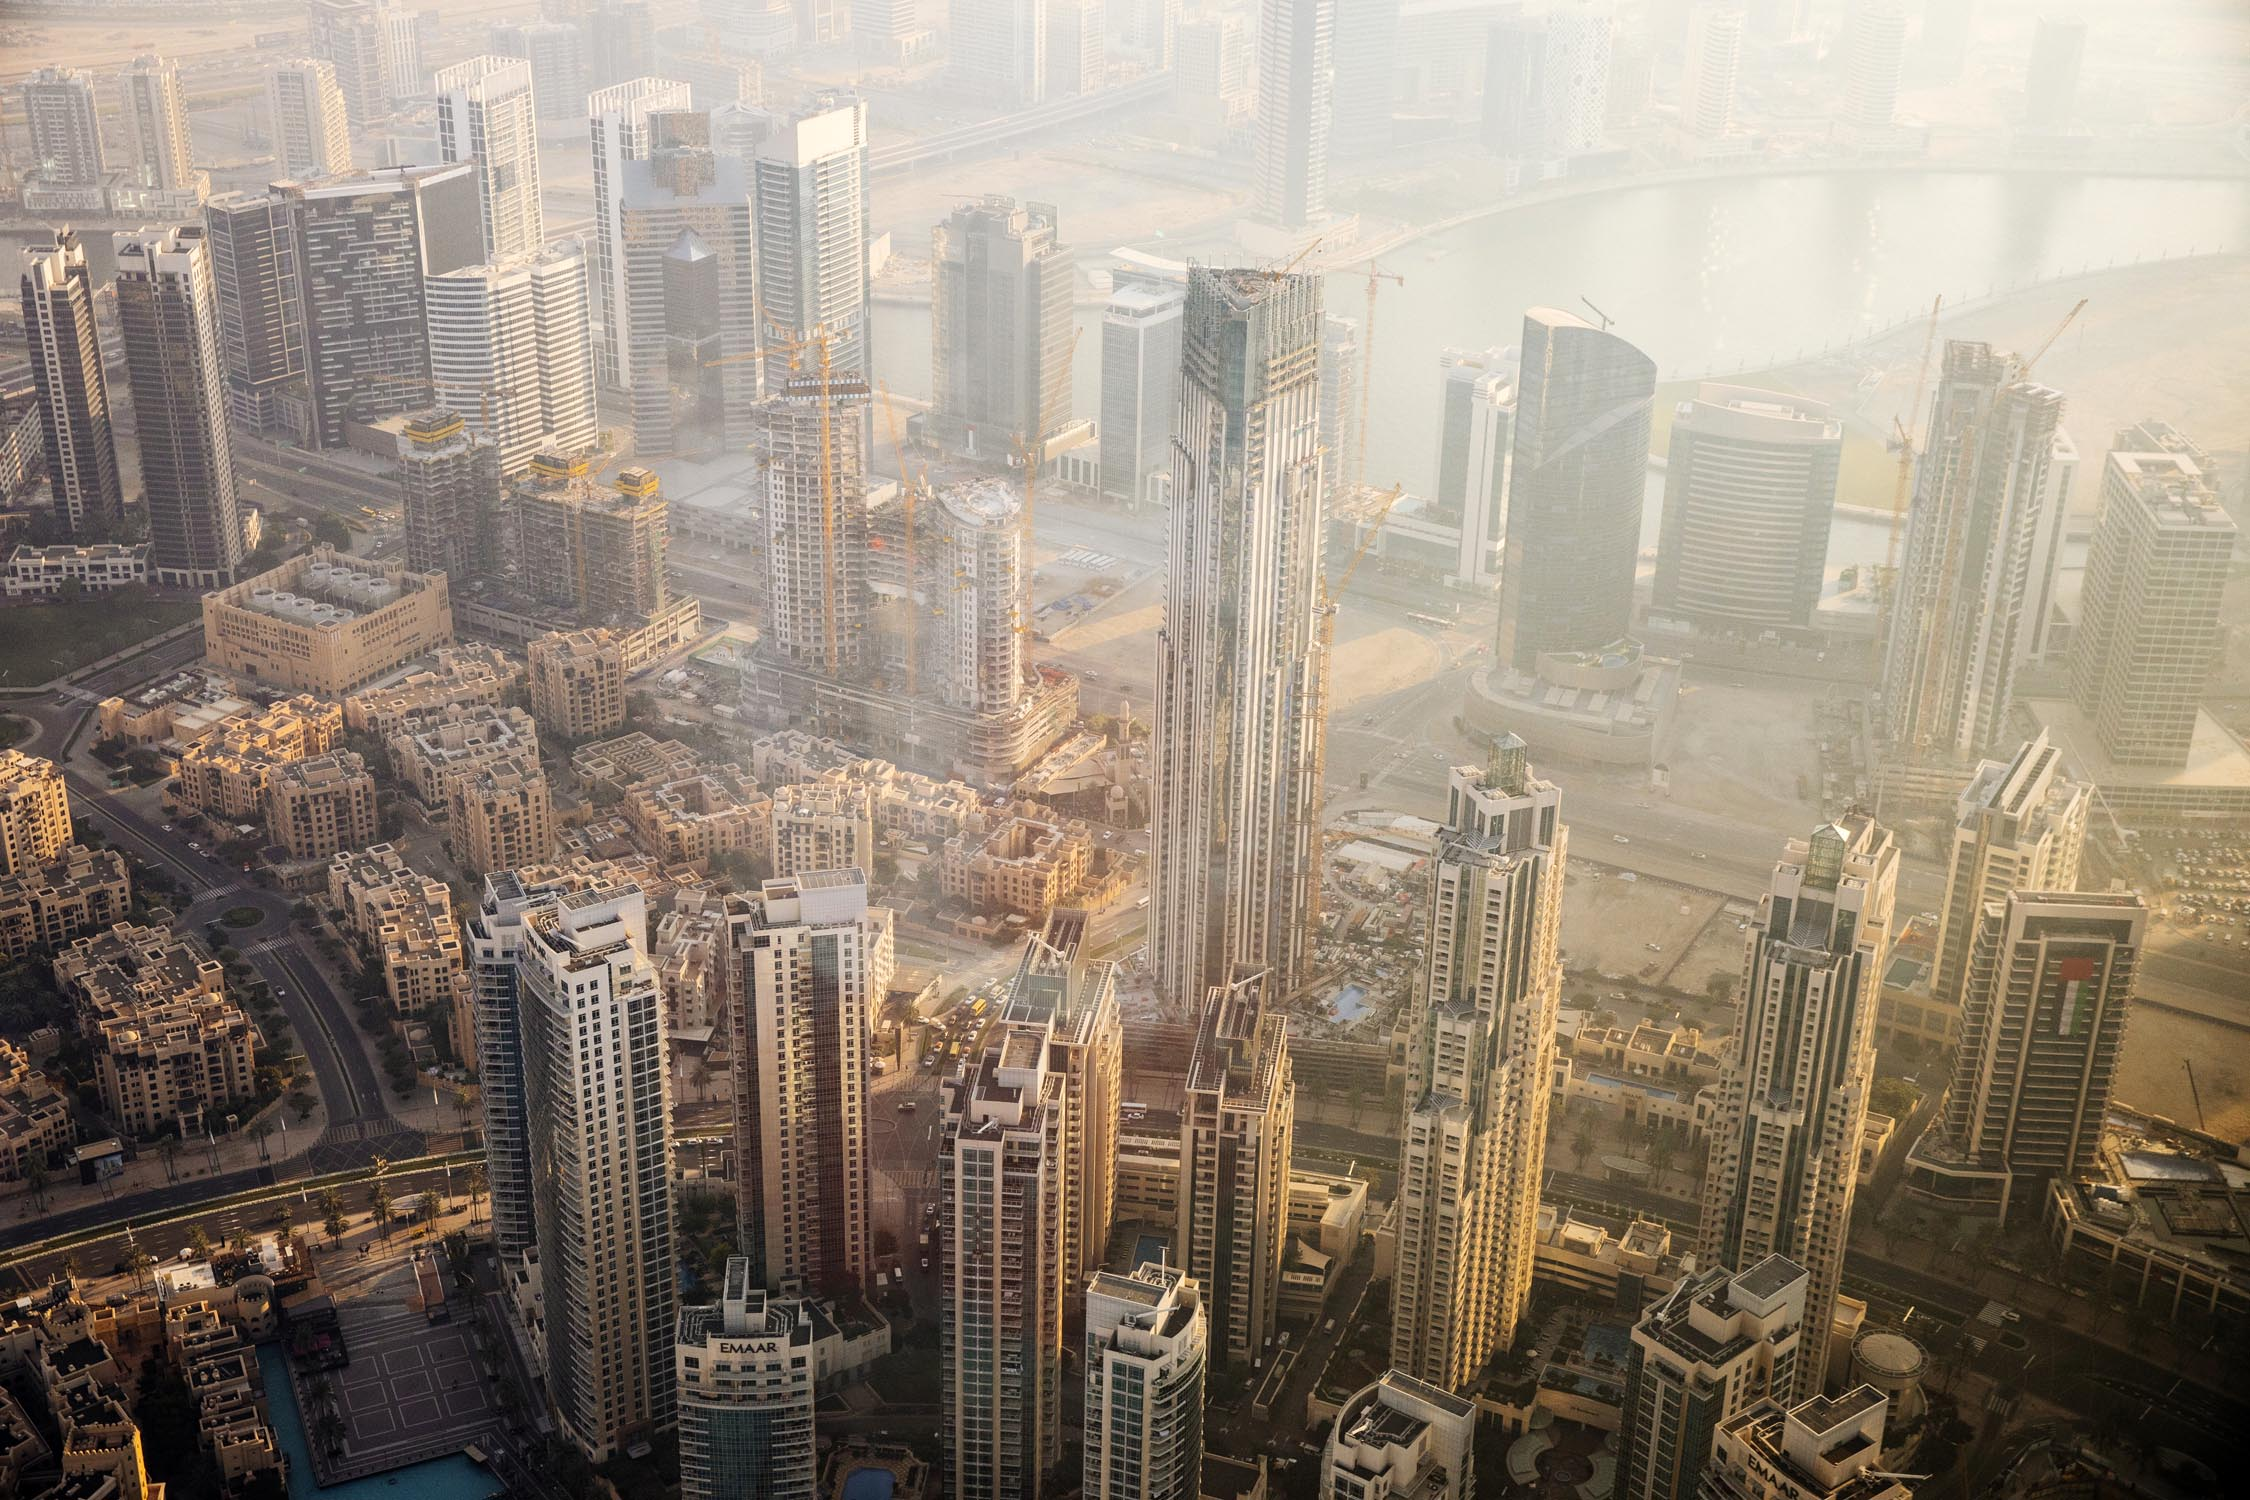 06_2018_12_05_UAE_0226.jpg